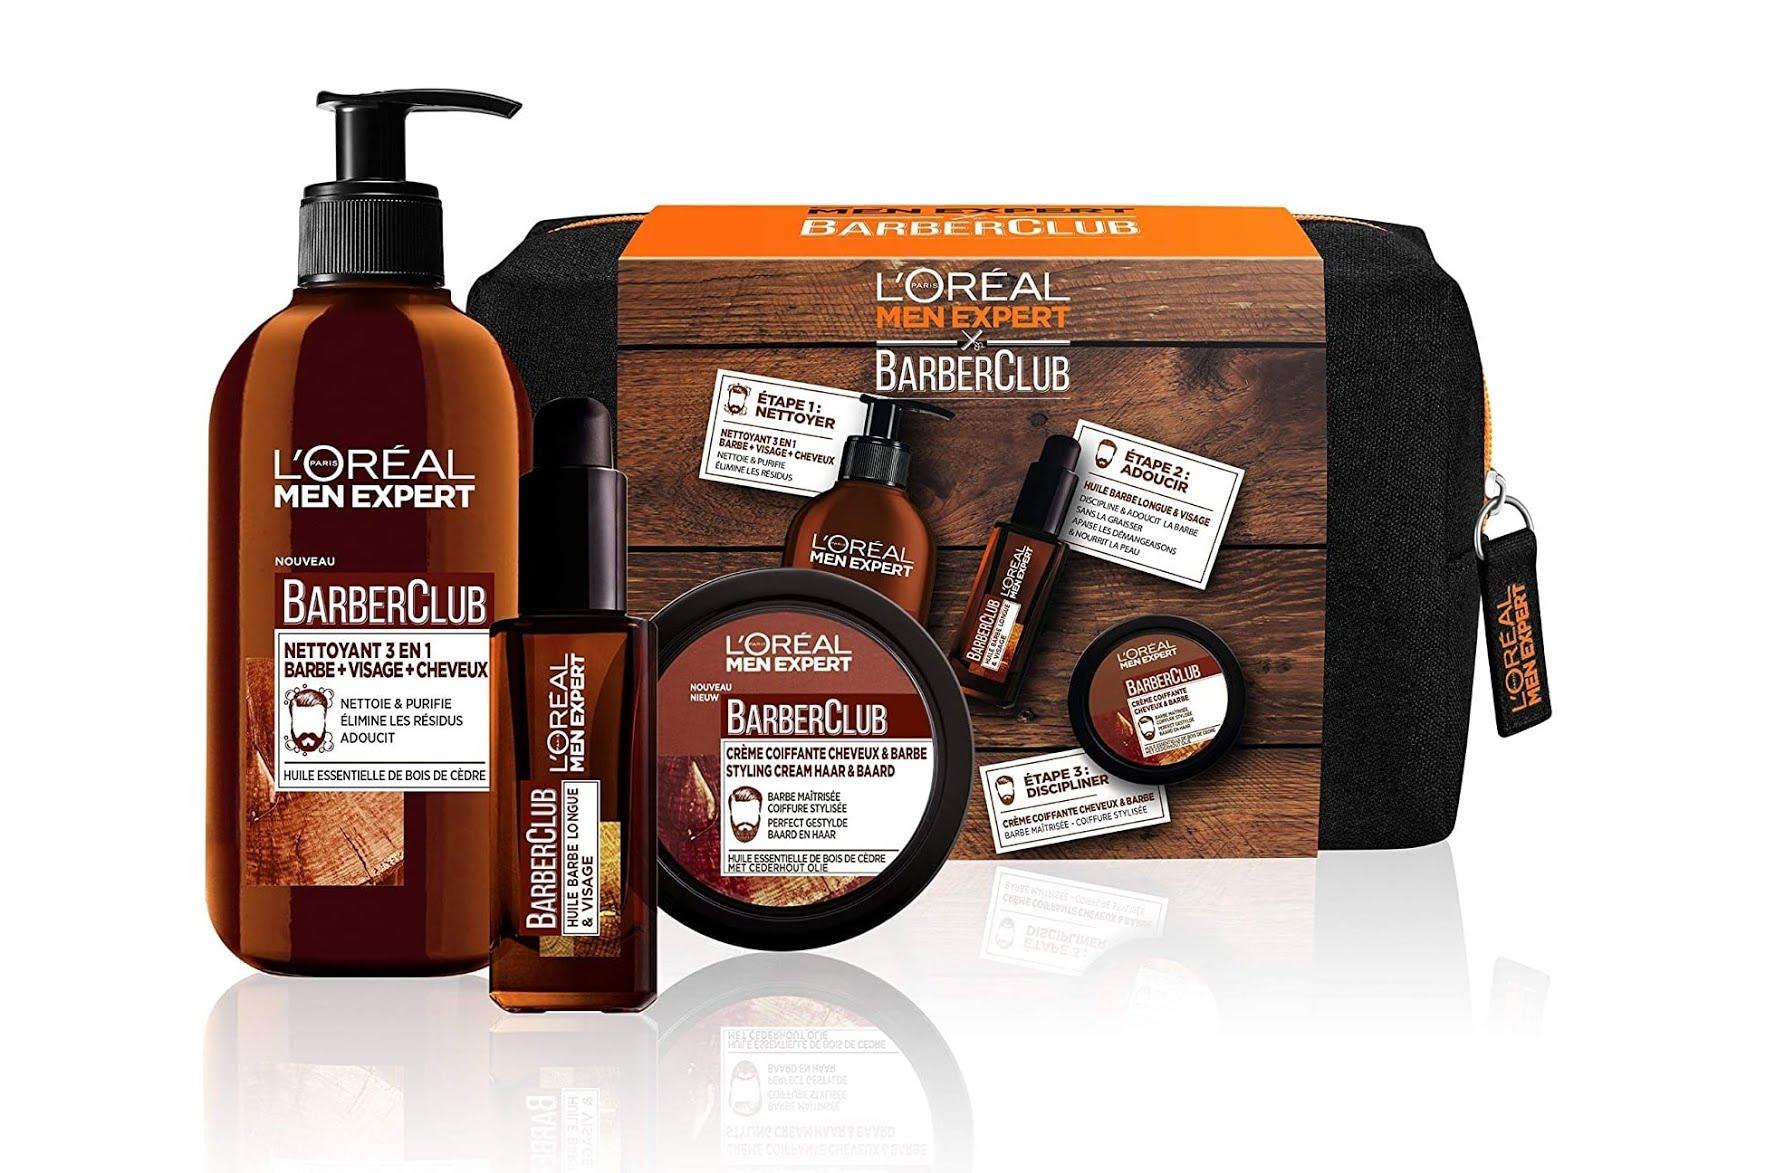 Marques de produits de beauté homme - L'Oréal Men Expert